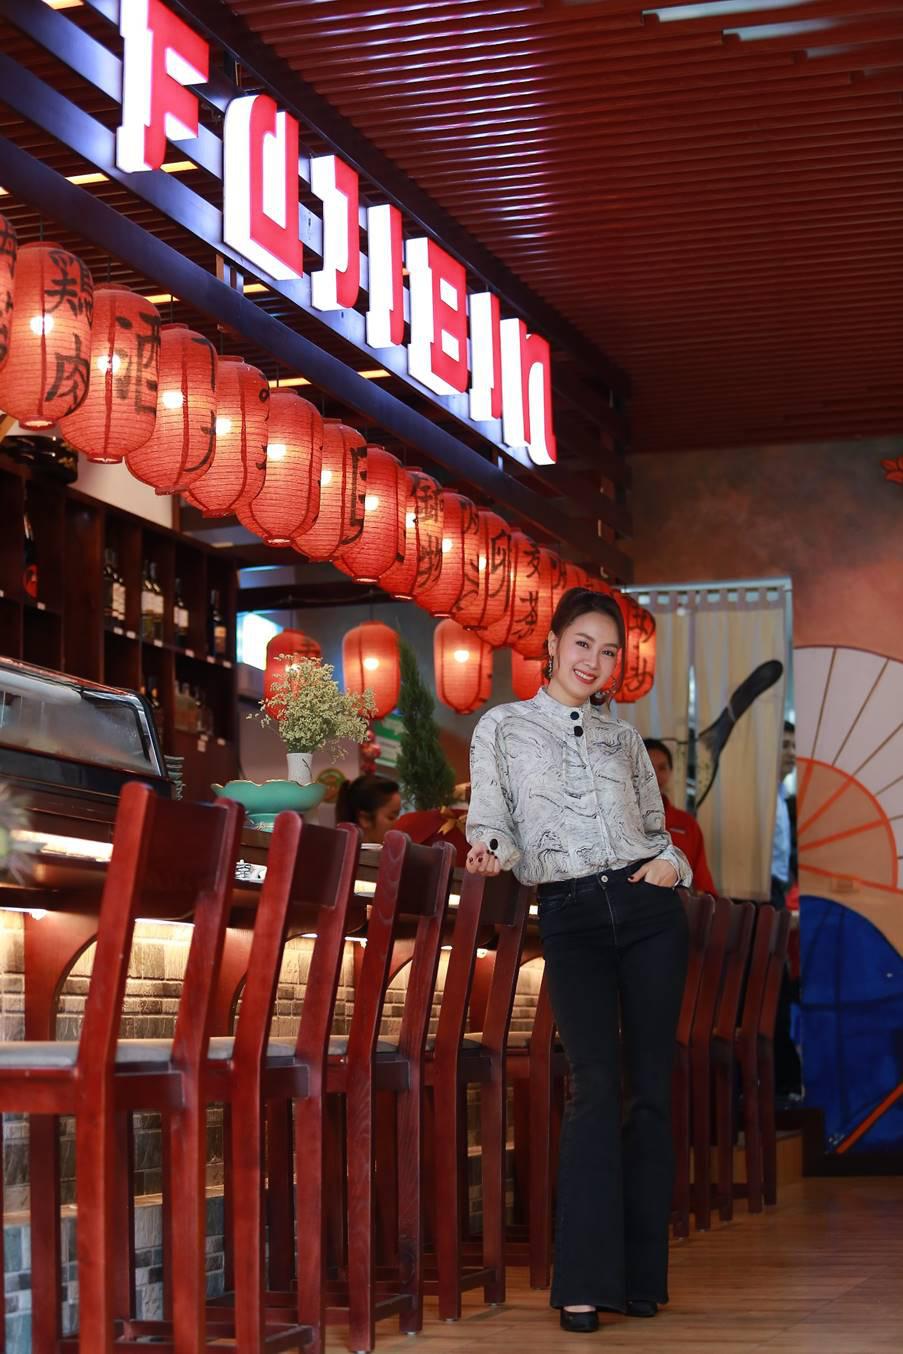 Thực hư chuyện Diễn viên Hồng Diễm - Bà chủ của nhà hàng Fujibin từ trong phim thành hiện thực - Ảnh 6.